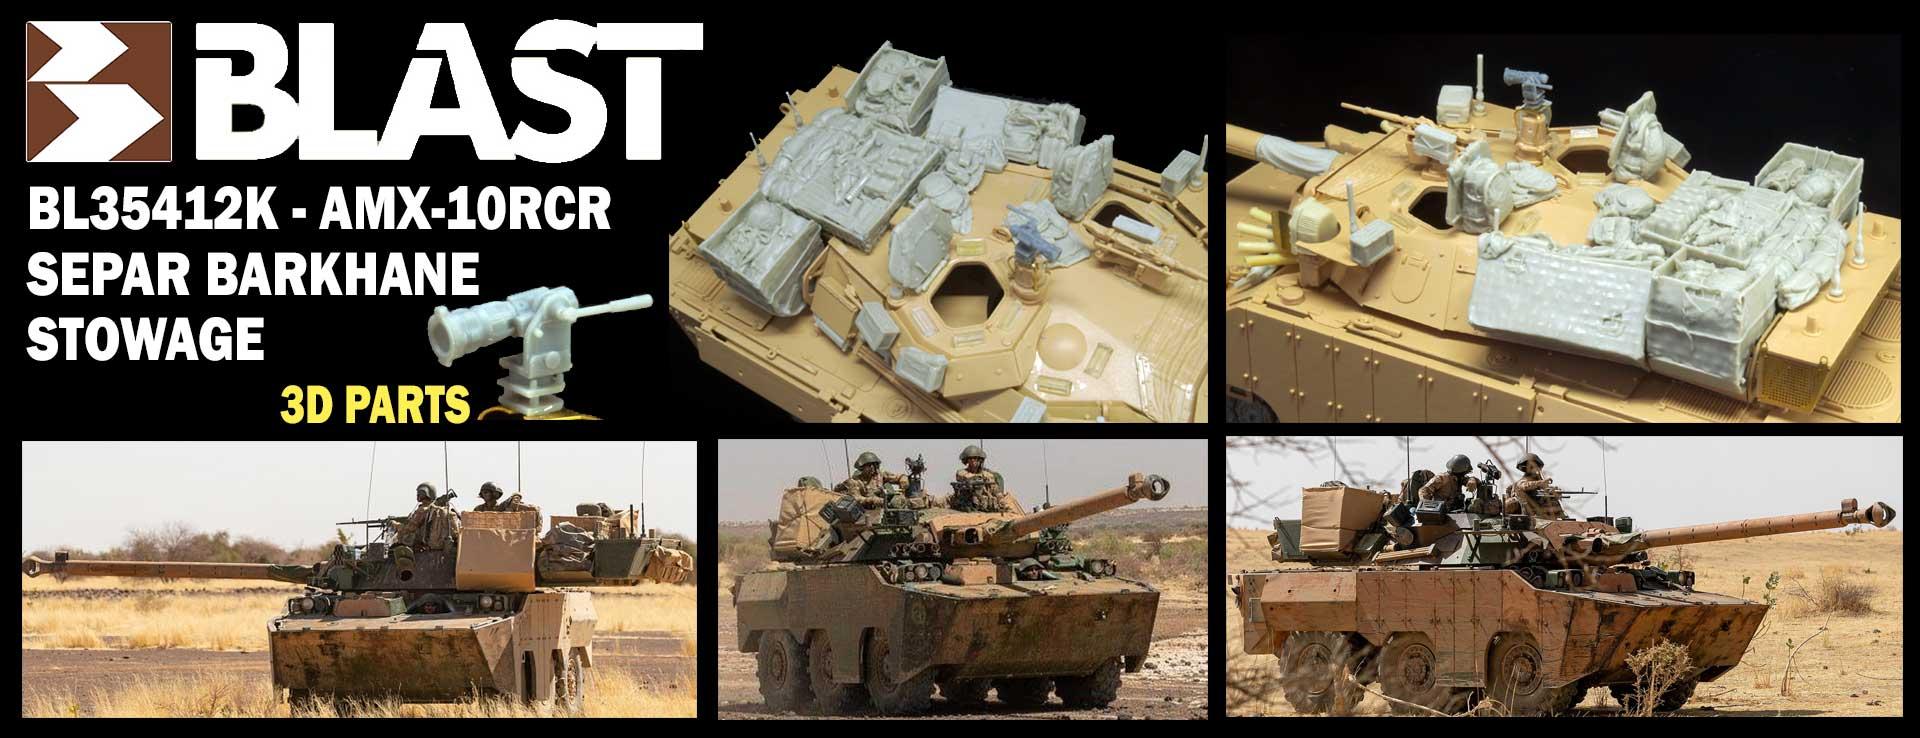 BL35412K - AMX-10RCR SEPAR BARKHANE STOWAGE BL35415K - AMX-10RCR SEPAR UPDATE SET